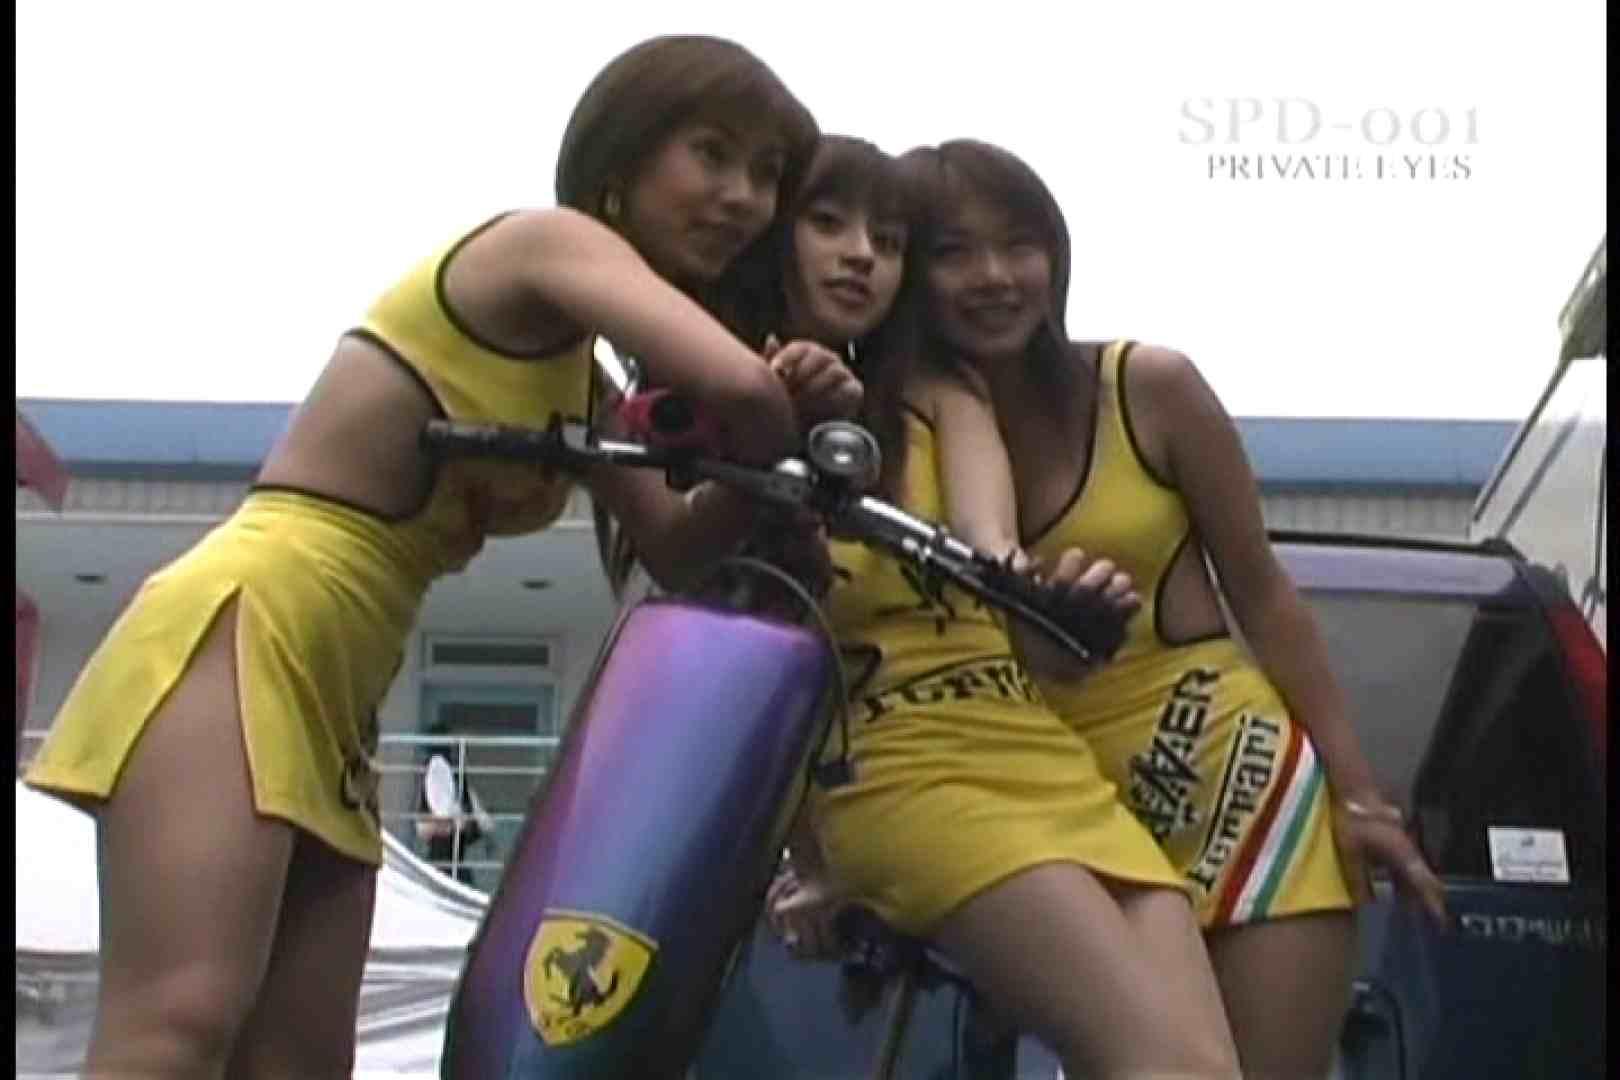 高画質版!SPD-001 サーキットの女神達 Vol.00 名作  106pic 96